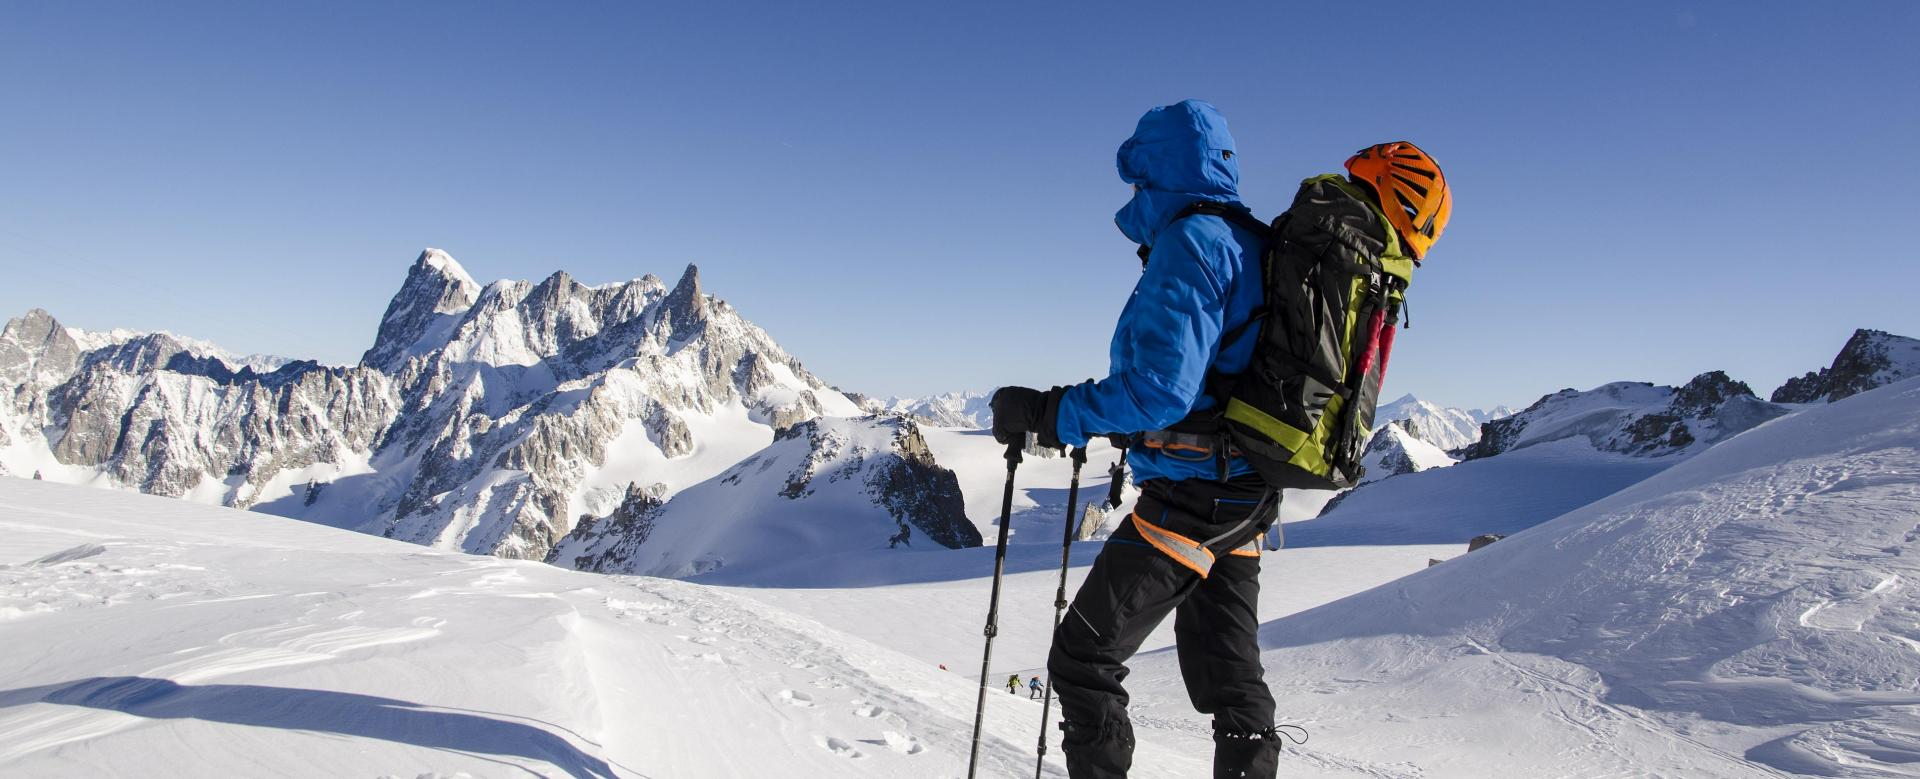 Voyage à la neige : La vallée blanche